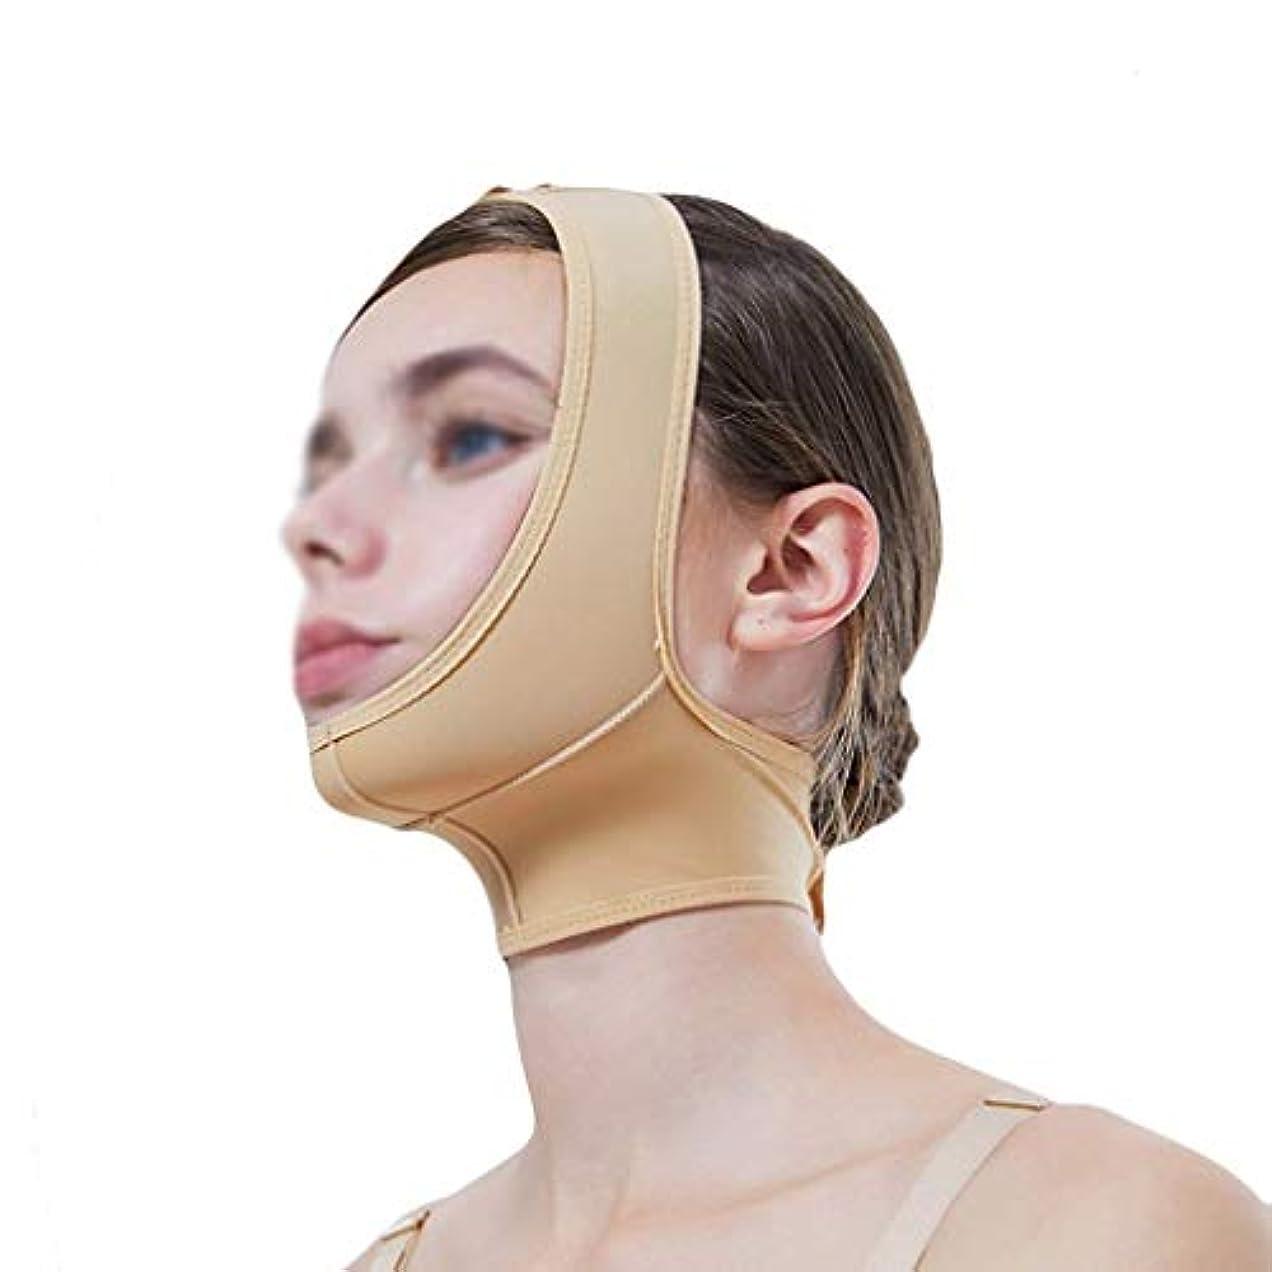 おそらくシャベルデコードするマスク、超薄型ベルト、フェイスリフティングに適し、フェイスリフティング、通気性包帯、あご取りベルト、超薄型ベルト、通気性(サイズ:XL),M